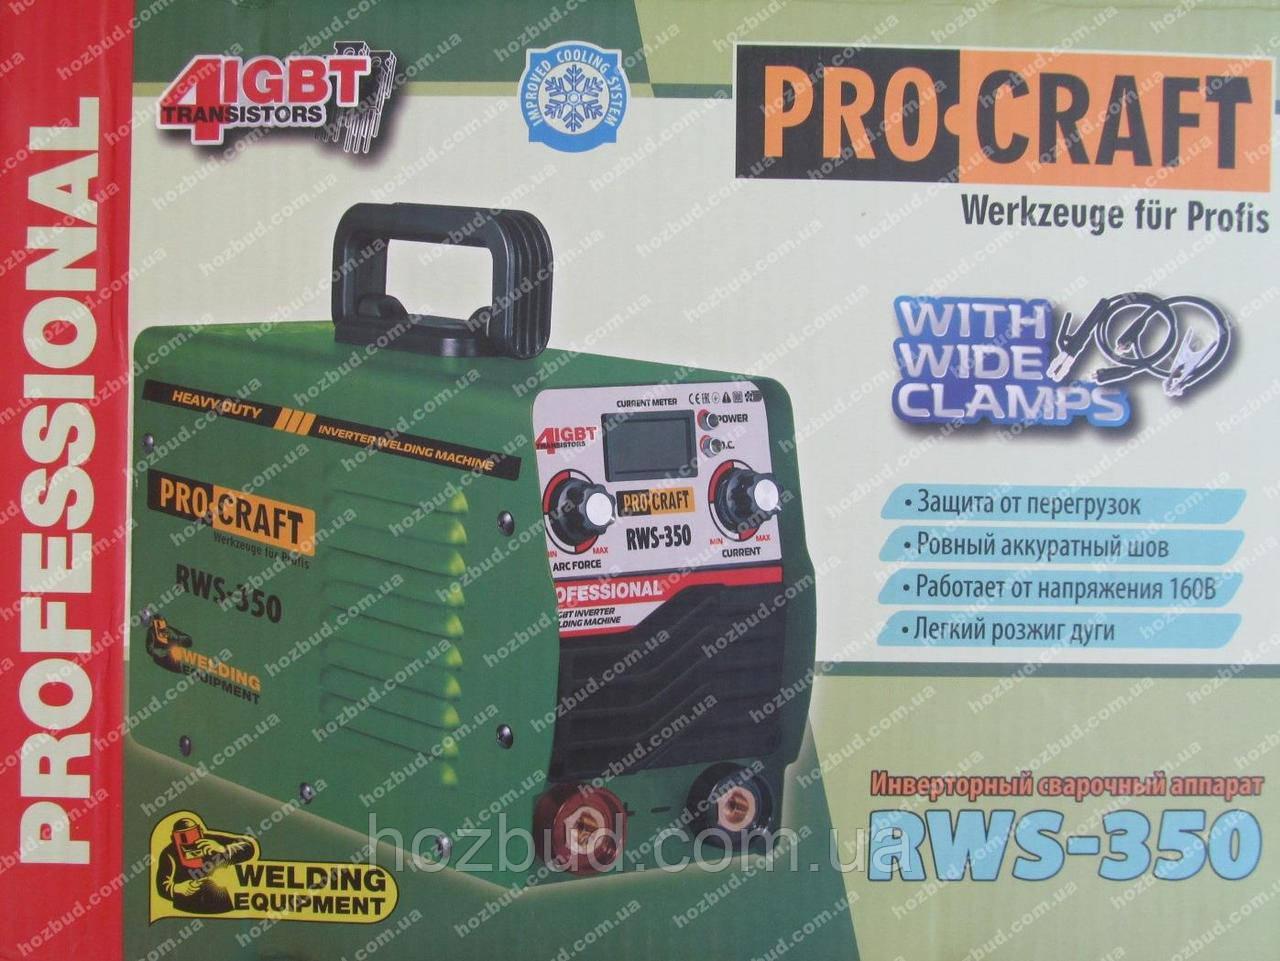 Сварочный инвертор Procraft RWS-350 (форсаж дуги)